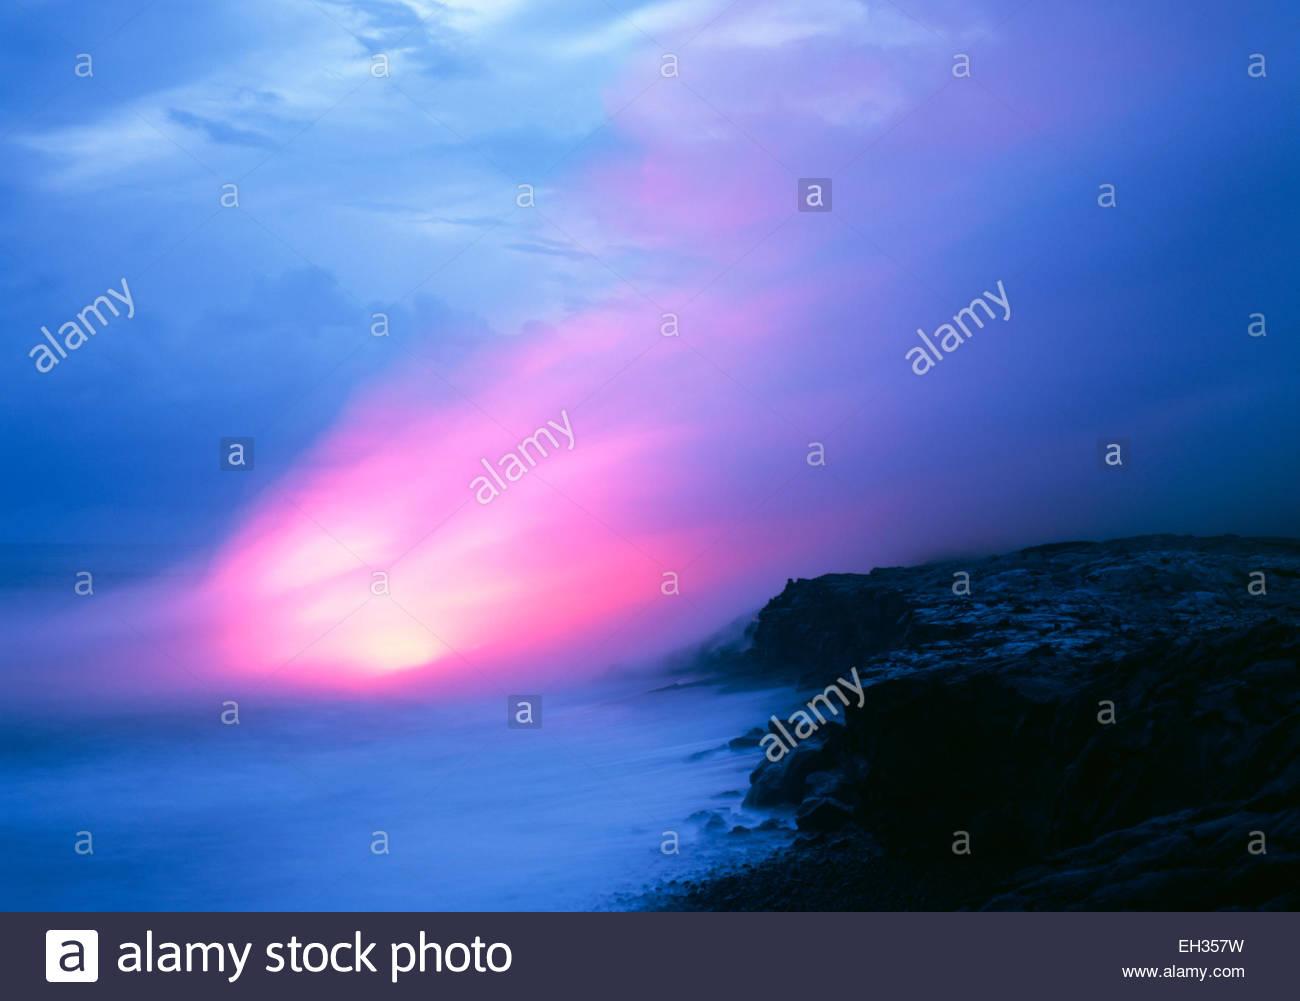 La lave en fusion s'écoule dans l'océan à Kupapa'au, au crépuscule. Hawaii Volcanoes Photo Stock